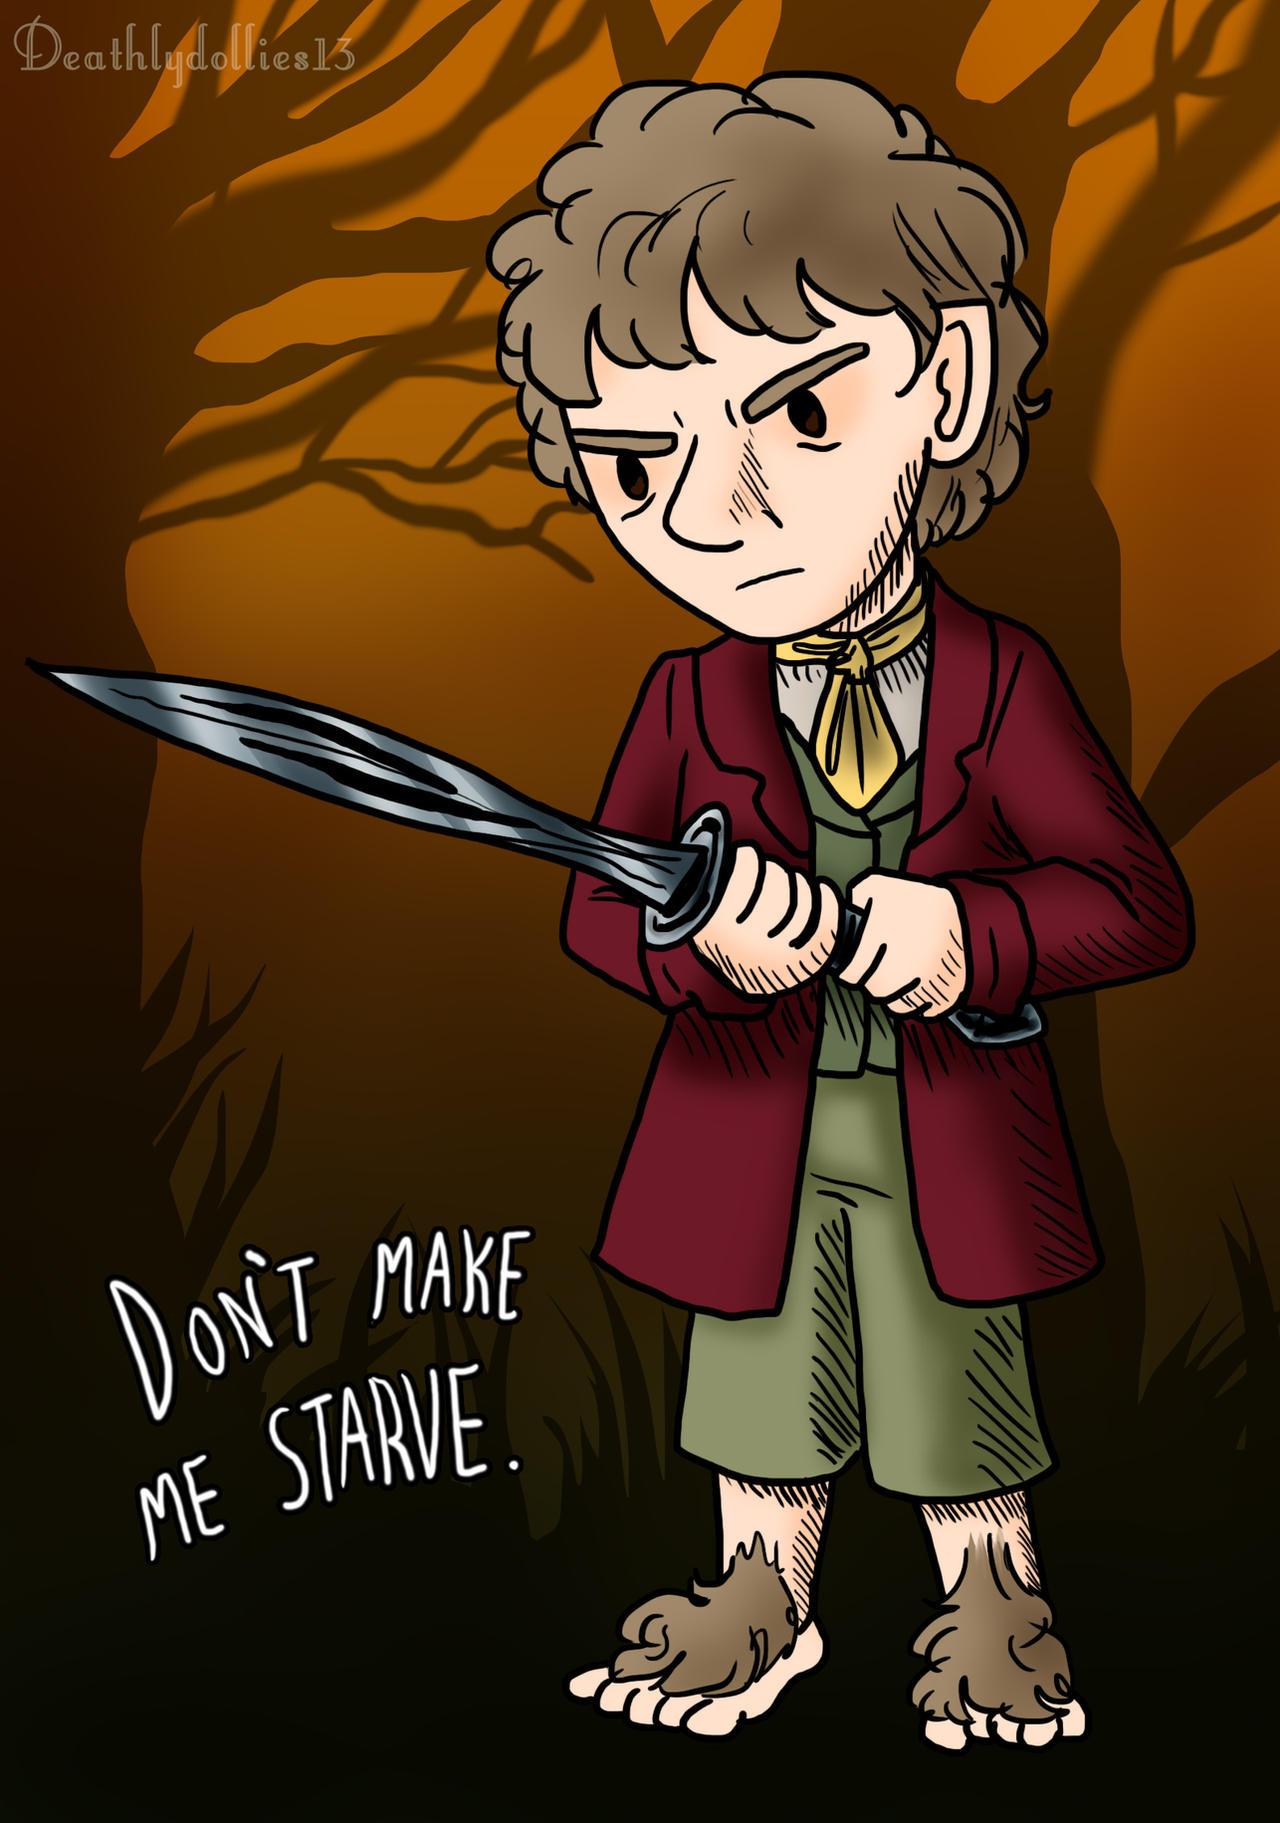 Don't Starve: Bilbo Baggins